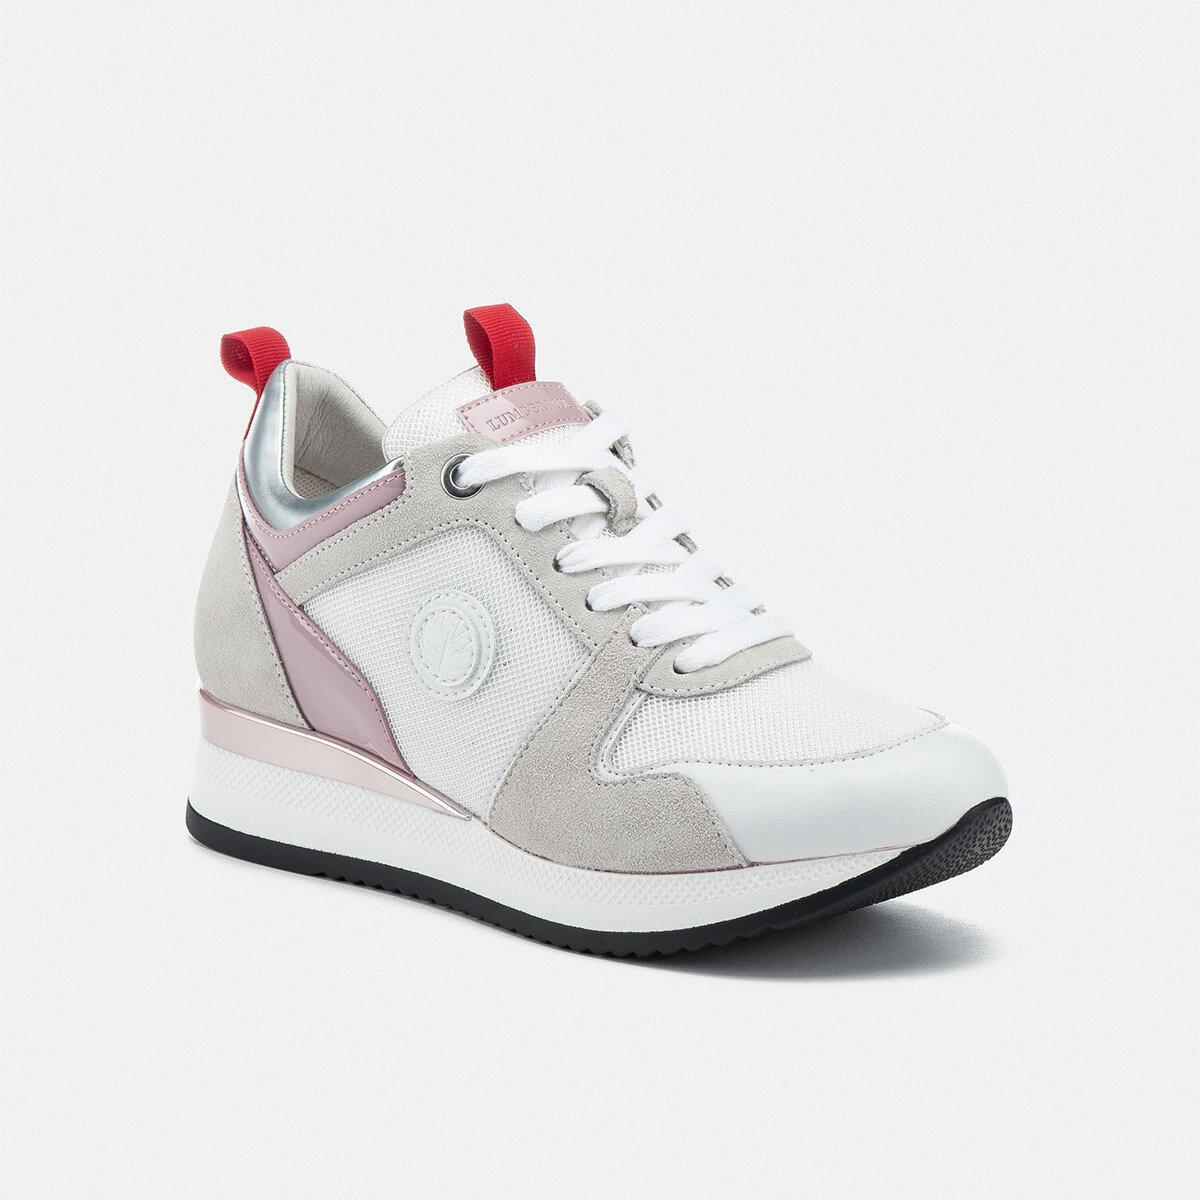 KANDY WHITE Woman Sneakers